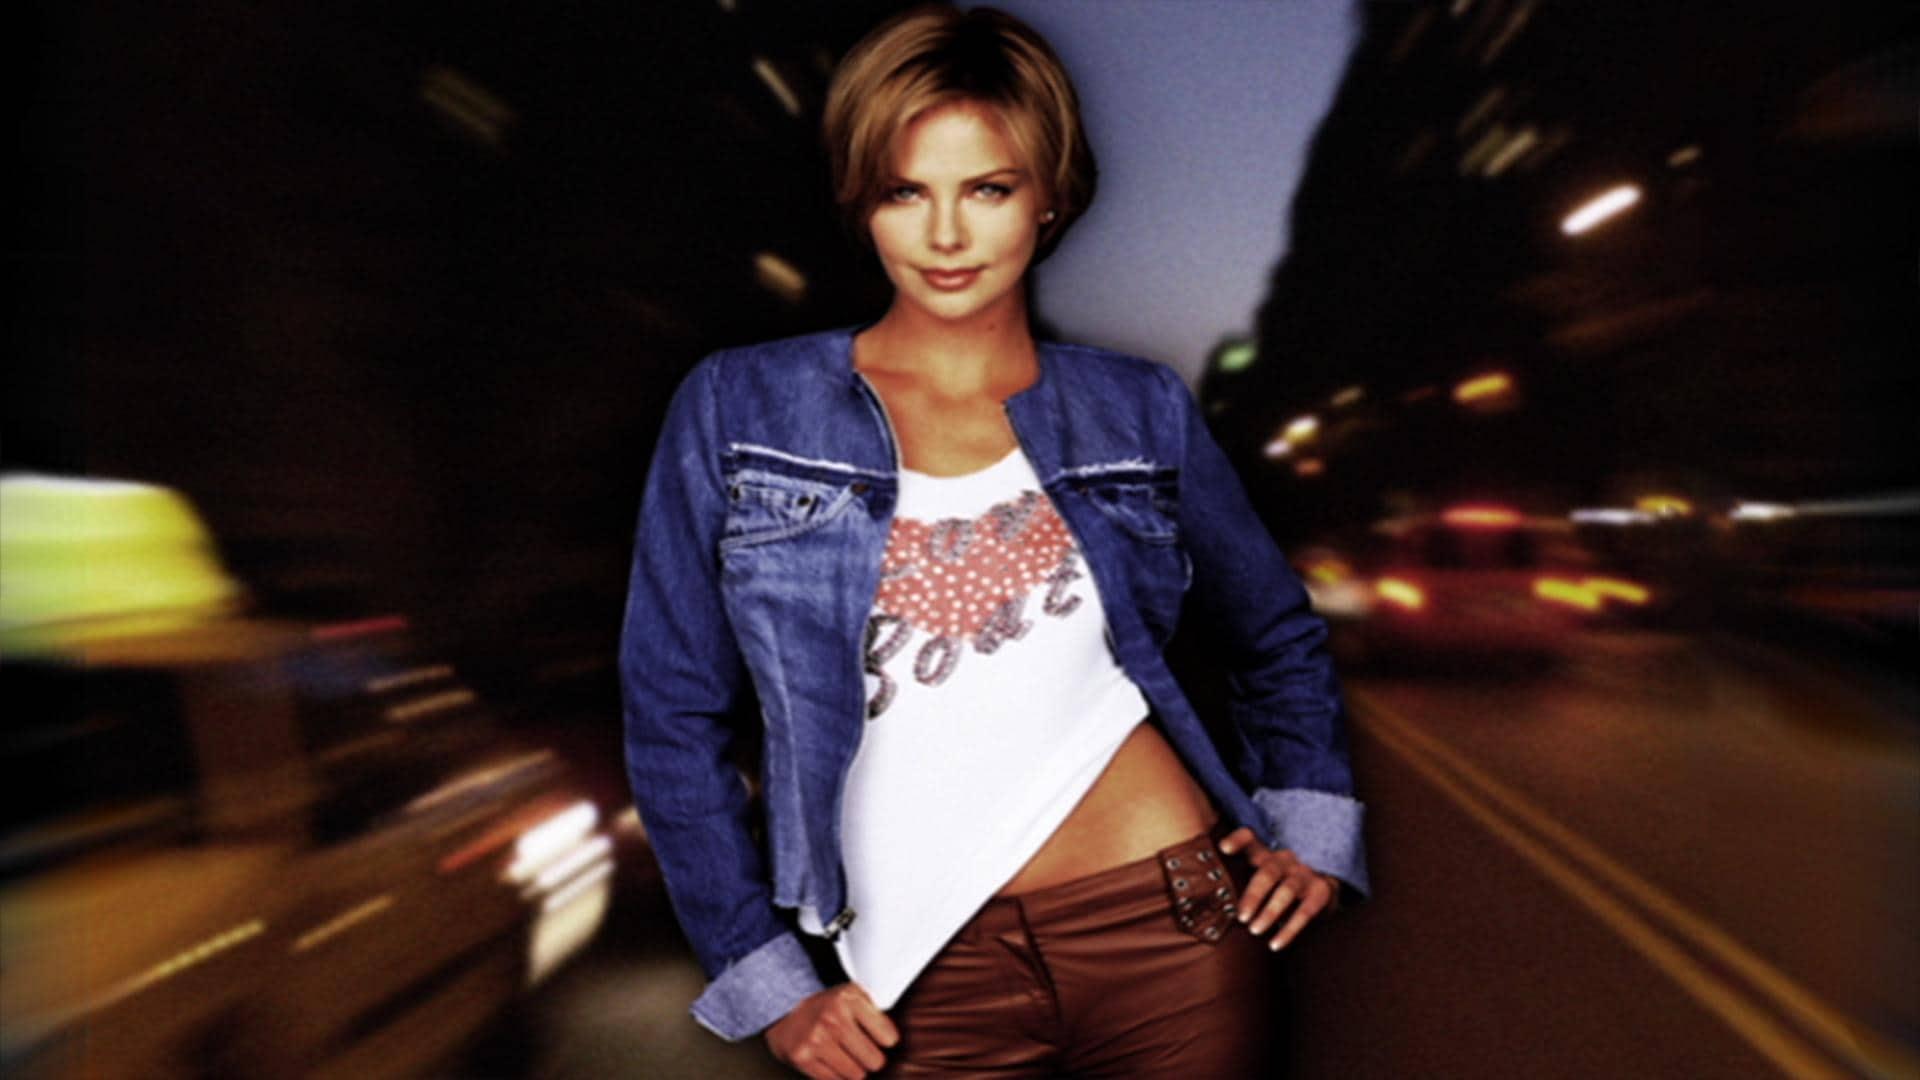 Charlize Theron: November 4, 2000